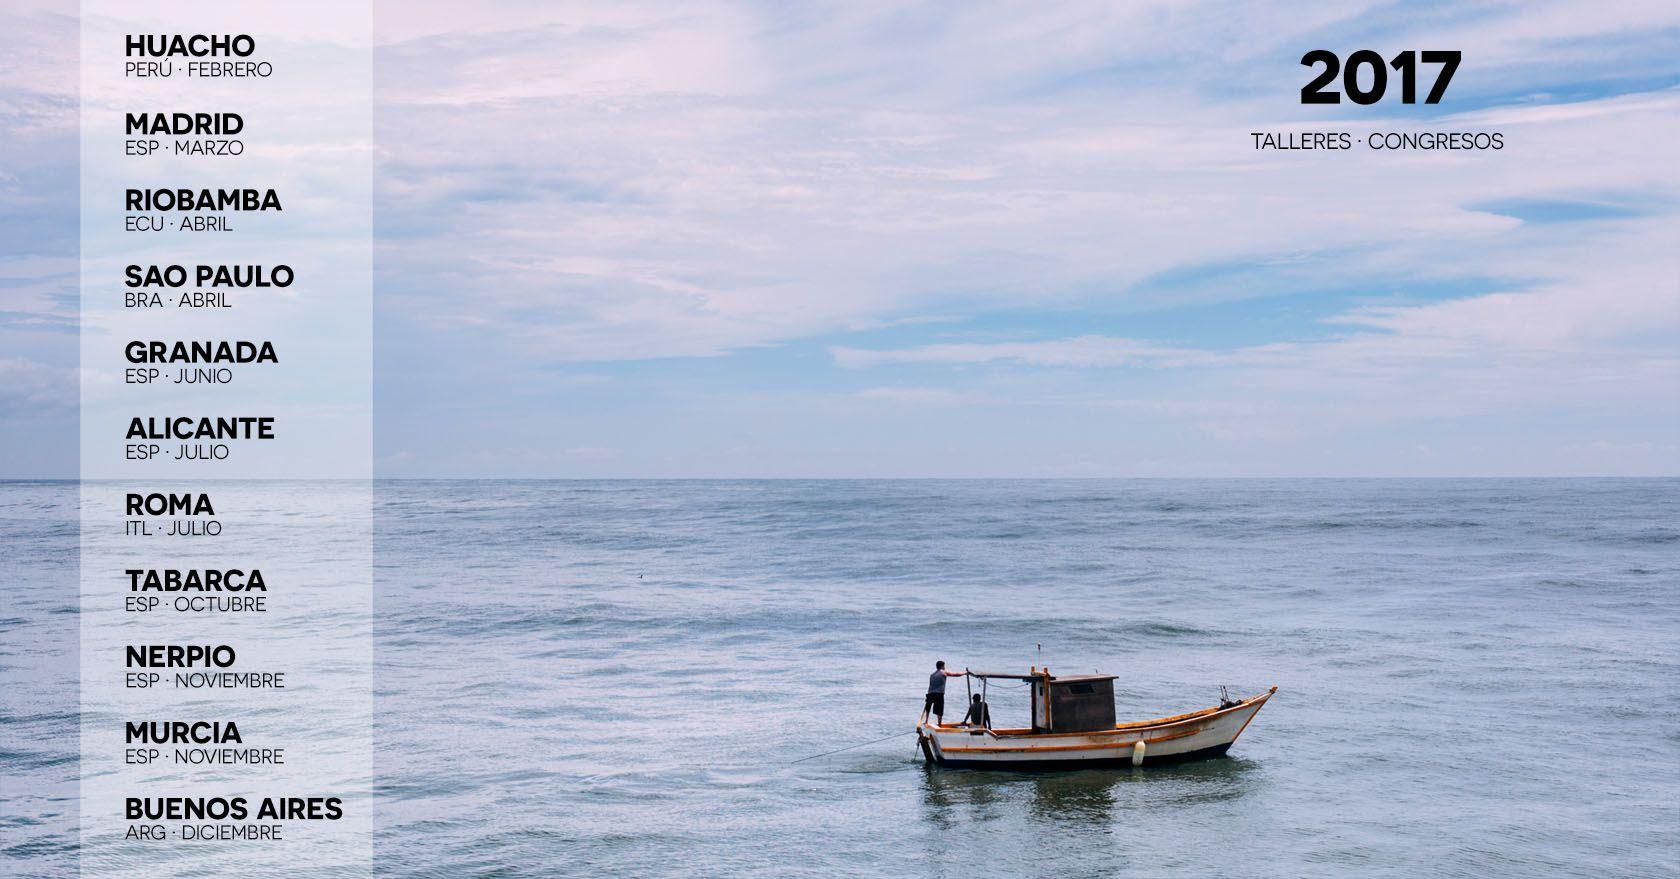 Programa de talleres de marketing para fotógrafos y videógrafos para 2017